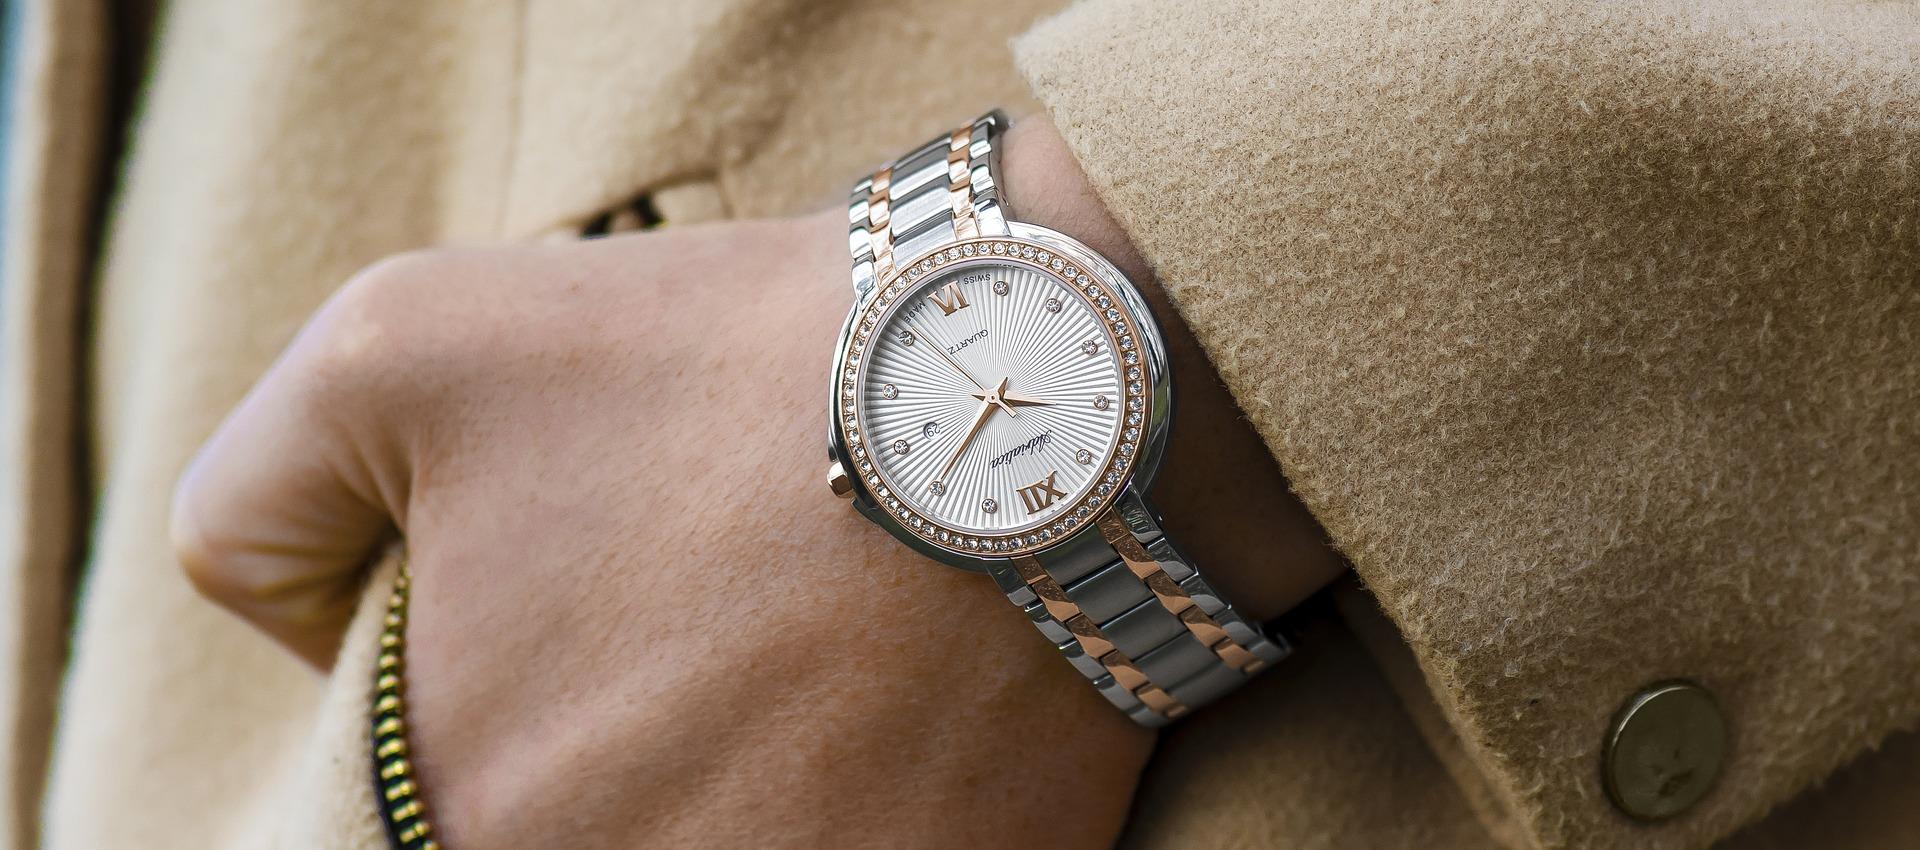 Можно ли носить чужие часы по народным приметам